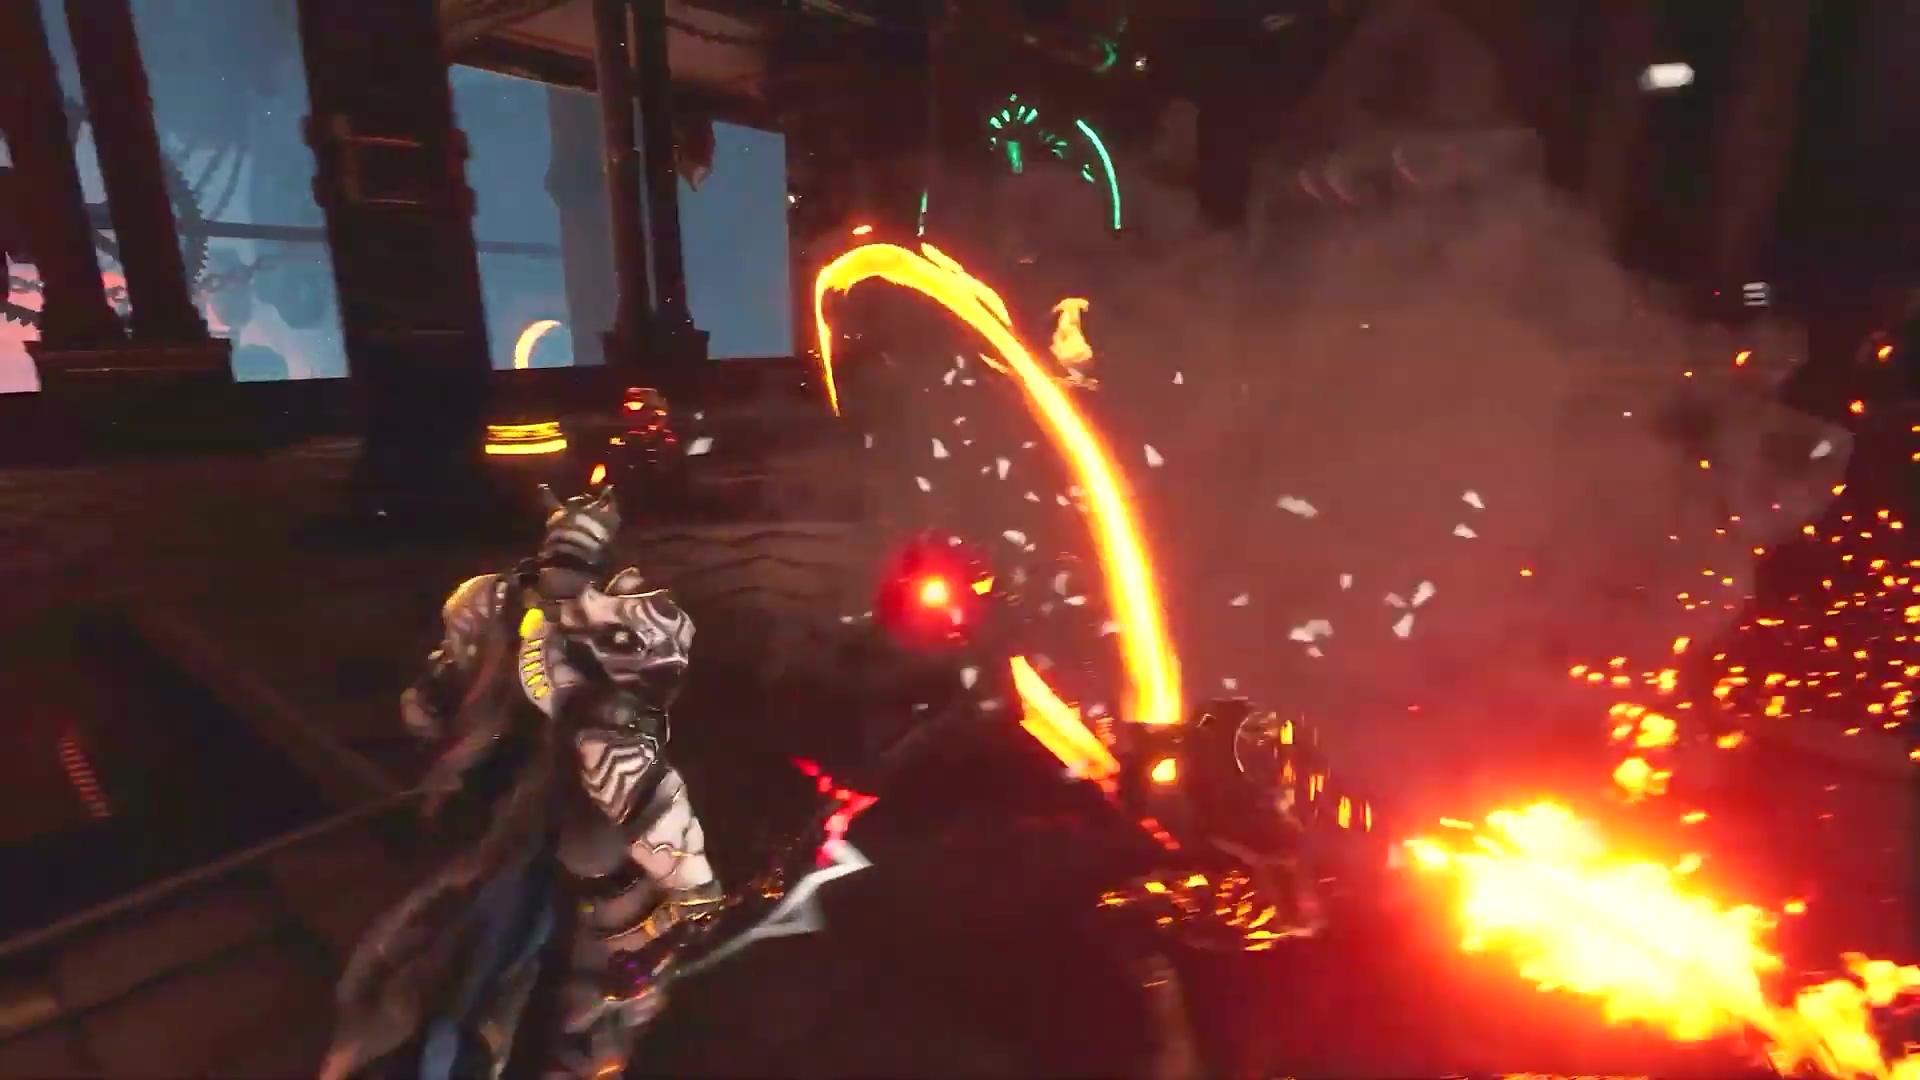 PS5首发游戏之一《众神陨落》新演示 粒子效果惊人